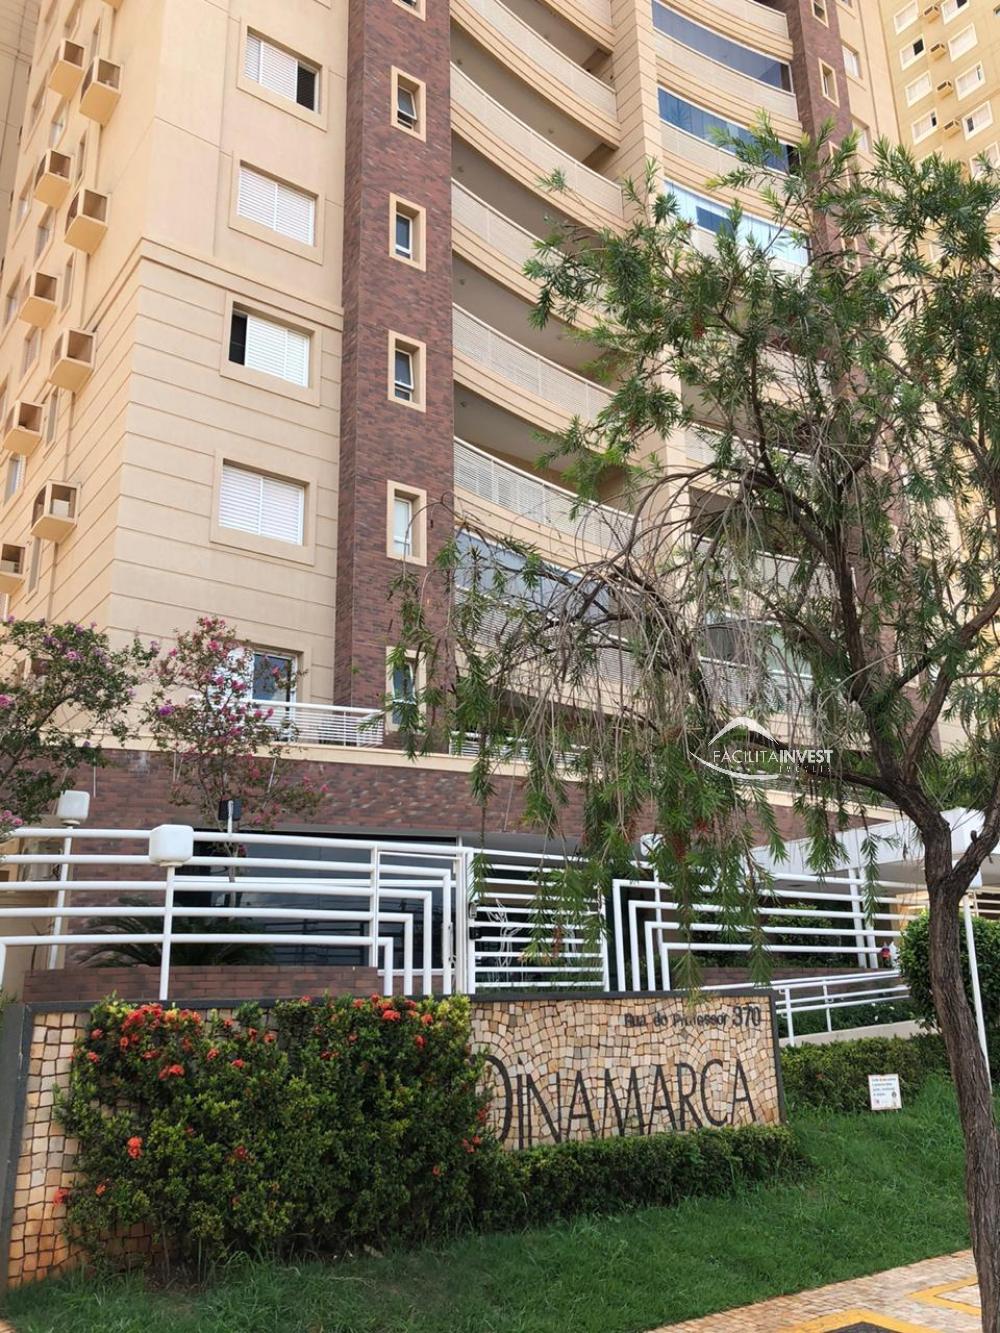 Comprar Apartamentos / Apart. Padrão em Ribeirão Preto apenas R$ 1.800.000,00 - Foto 2